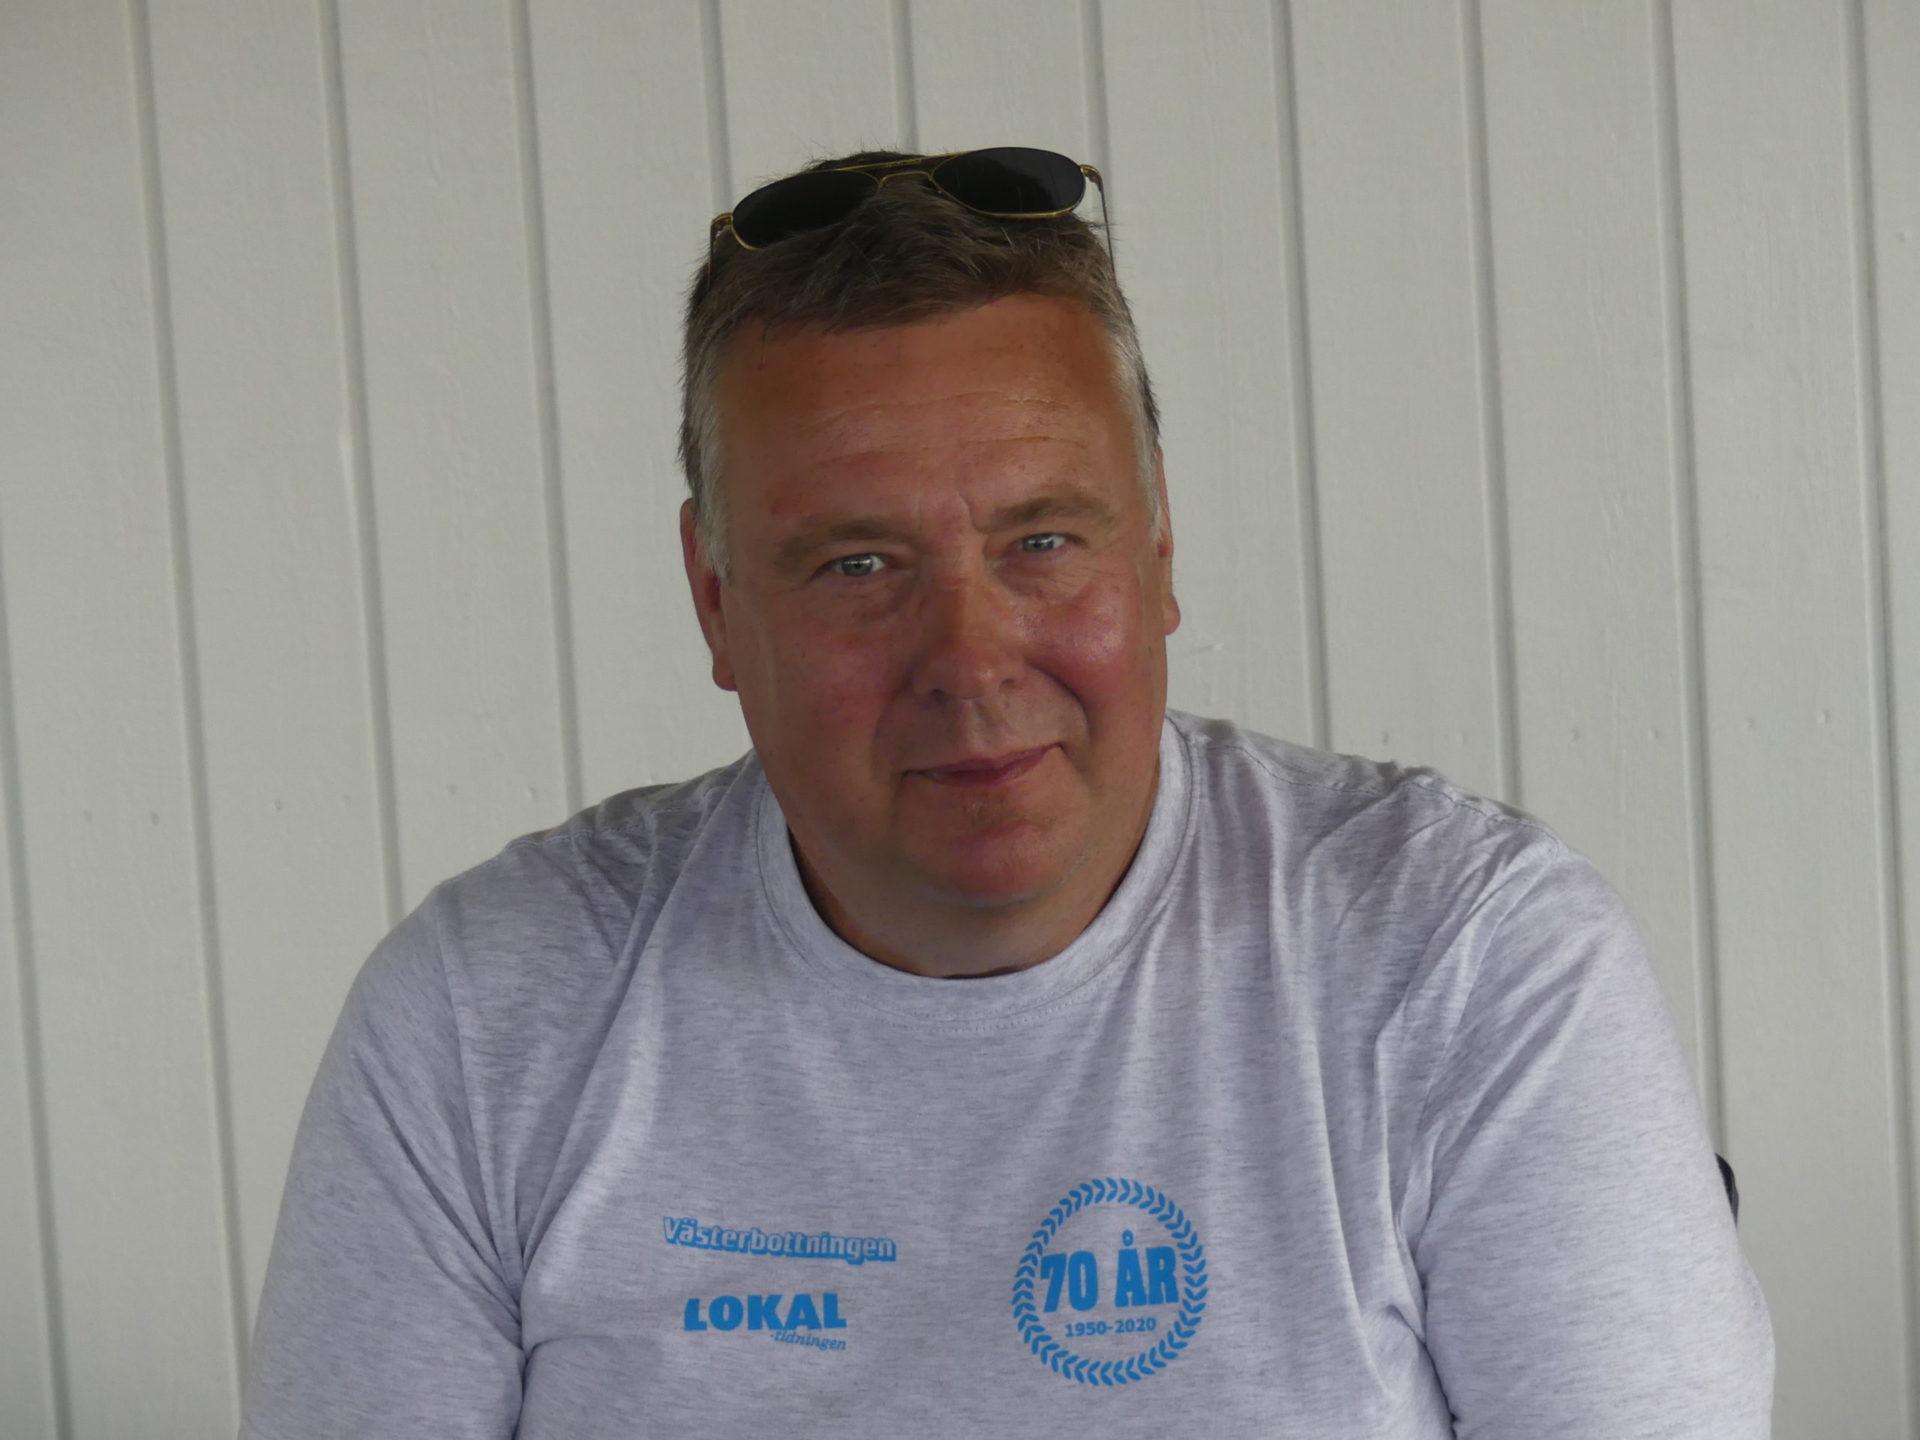 Robert Marmdahl